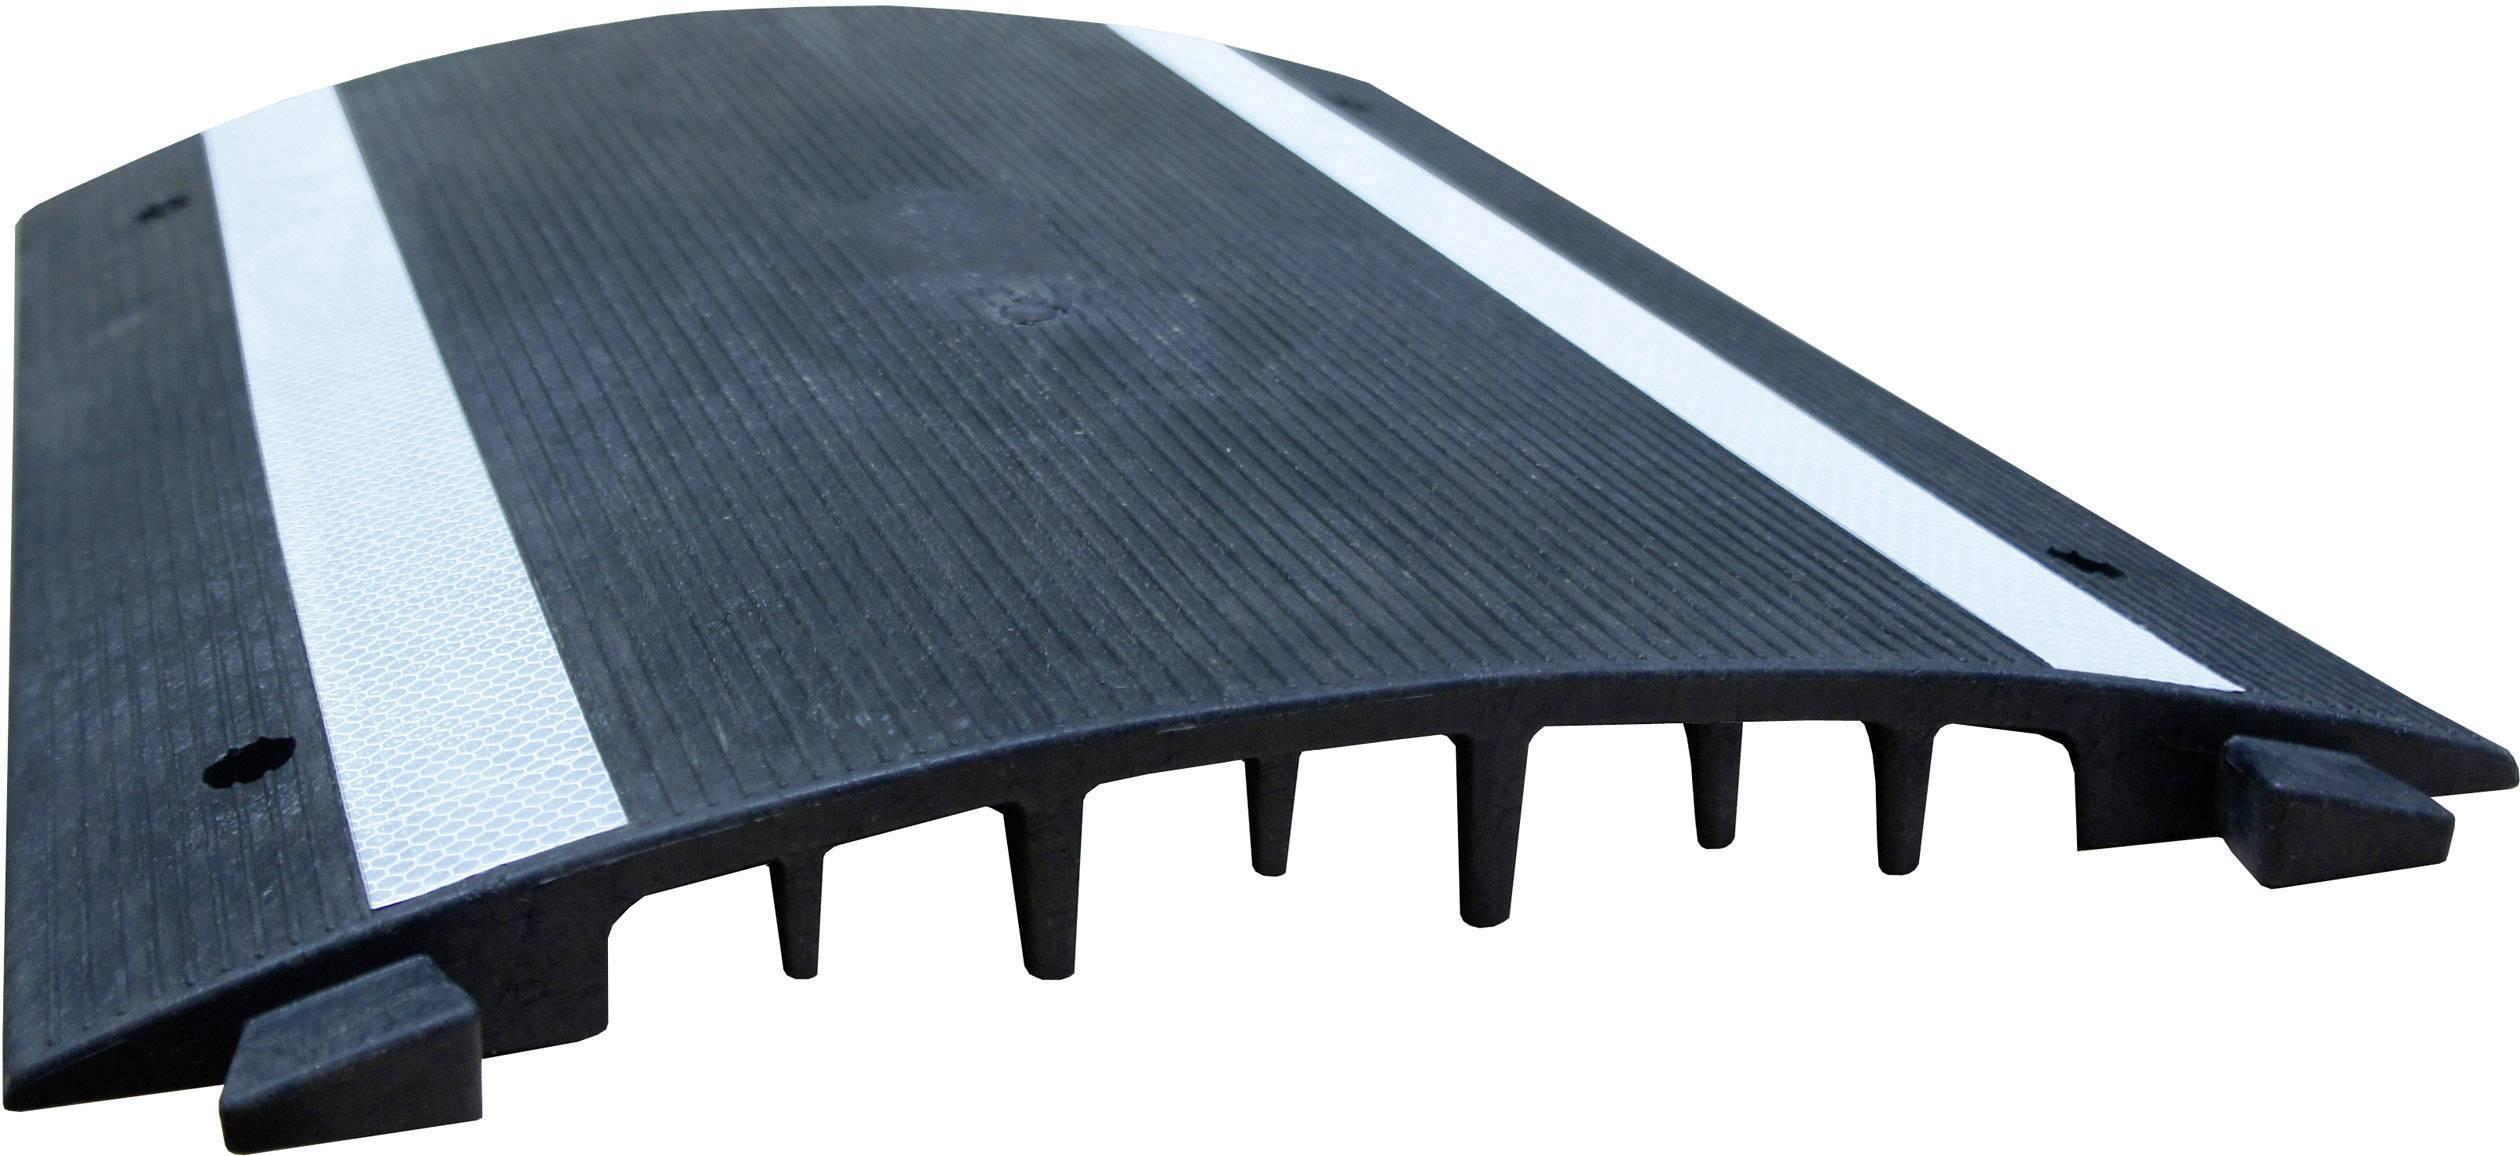 Kabelový můstek VISO (d x š x v) 500 x 400 x 40 mm, černá, 1 ks